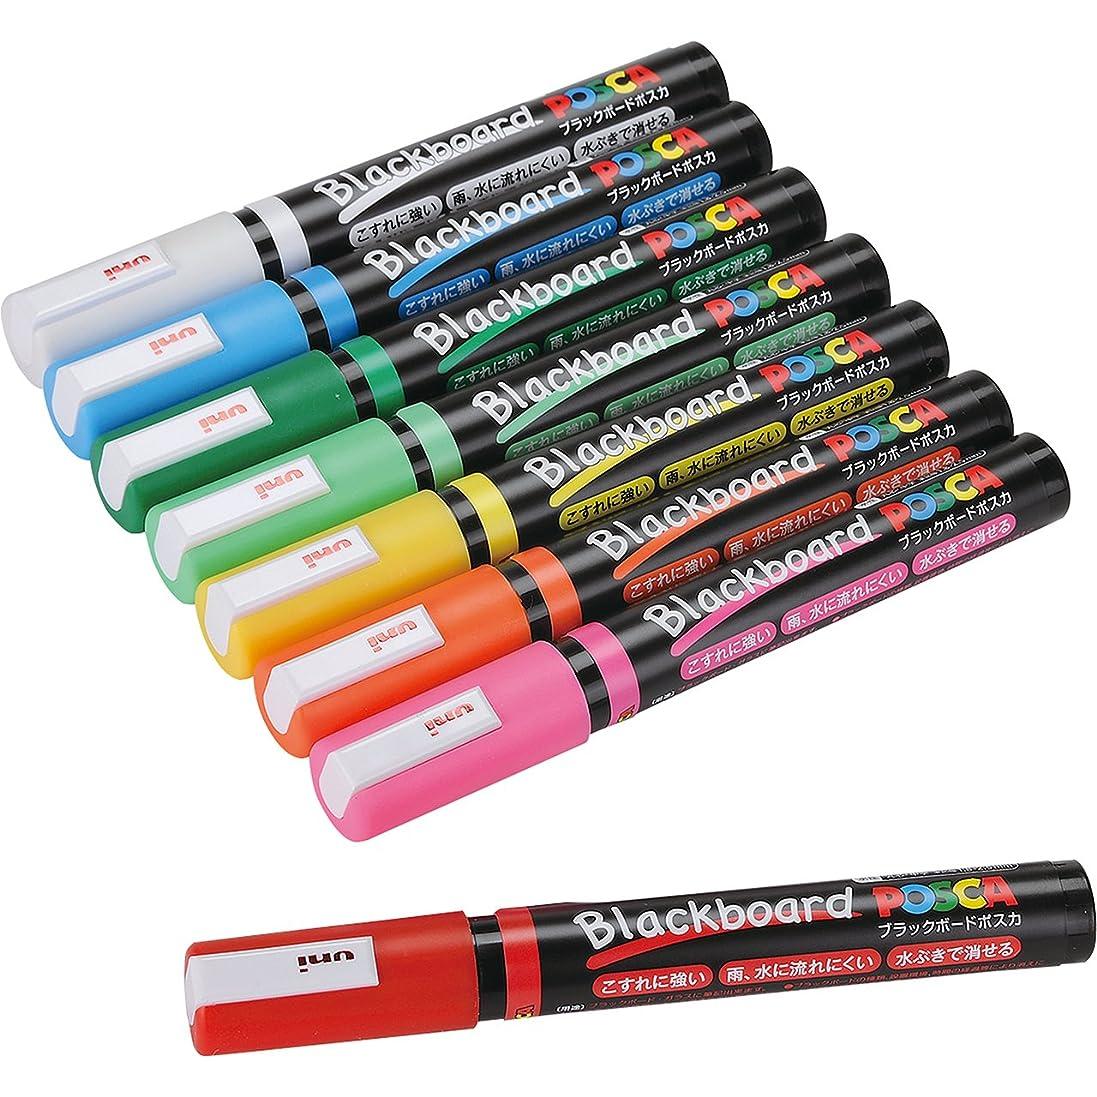 読書裁定エール三菱鉛筆 水性ペン ブラックボードポスカ 中字 8色 PCE2005M8C